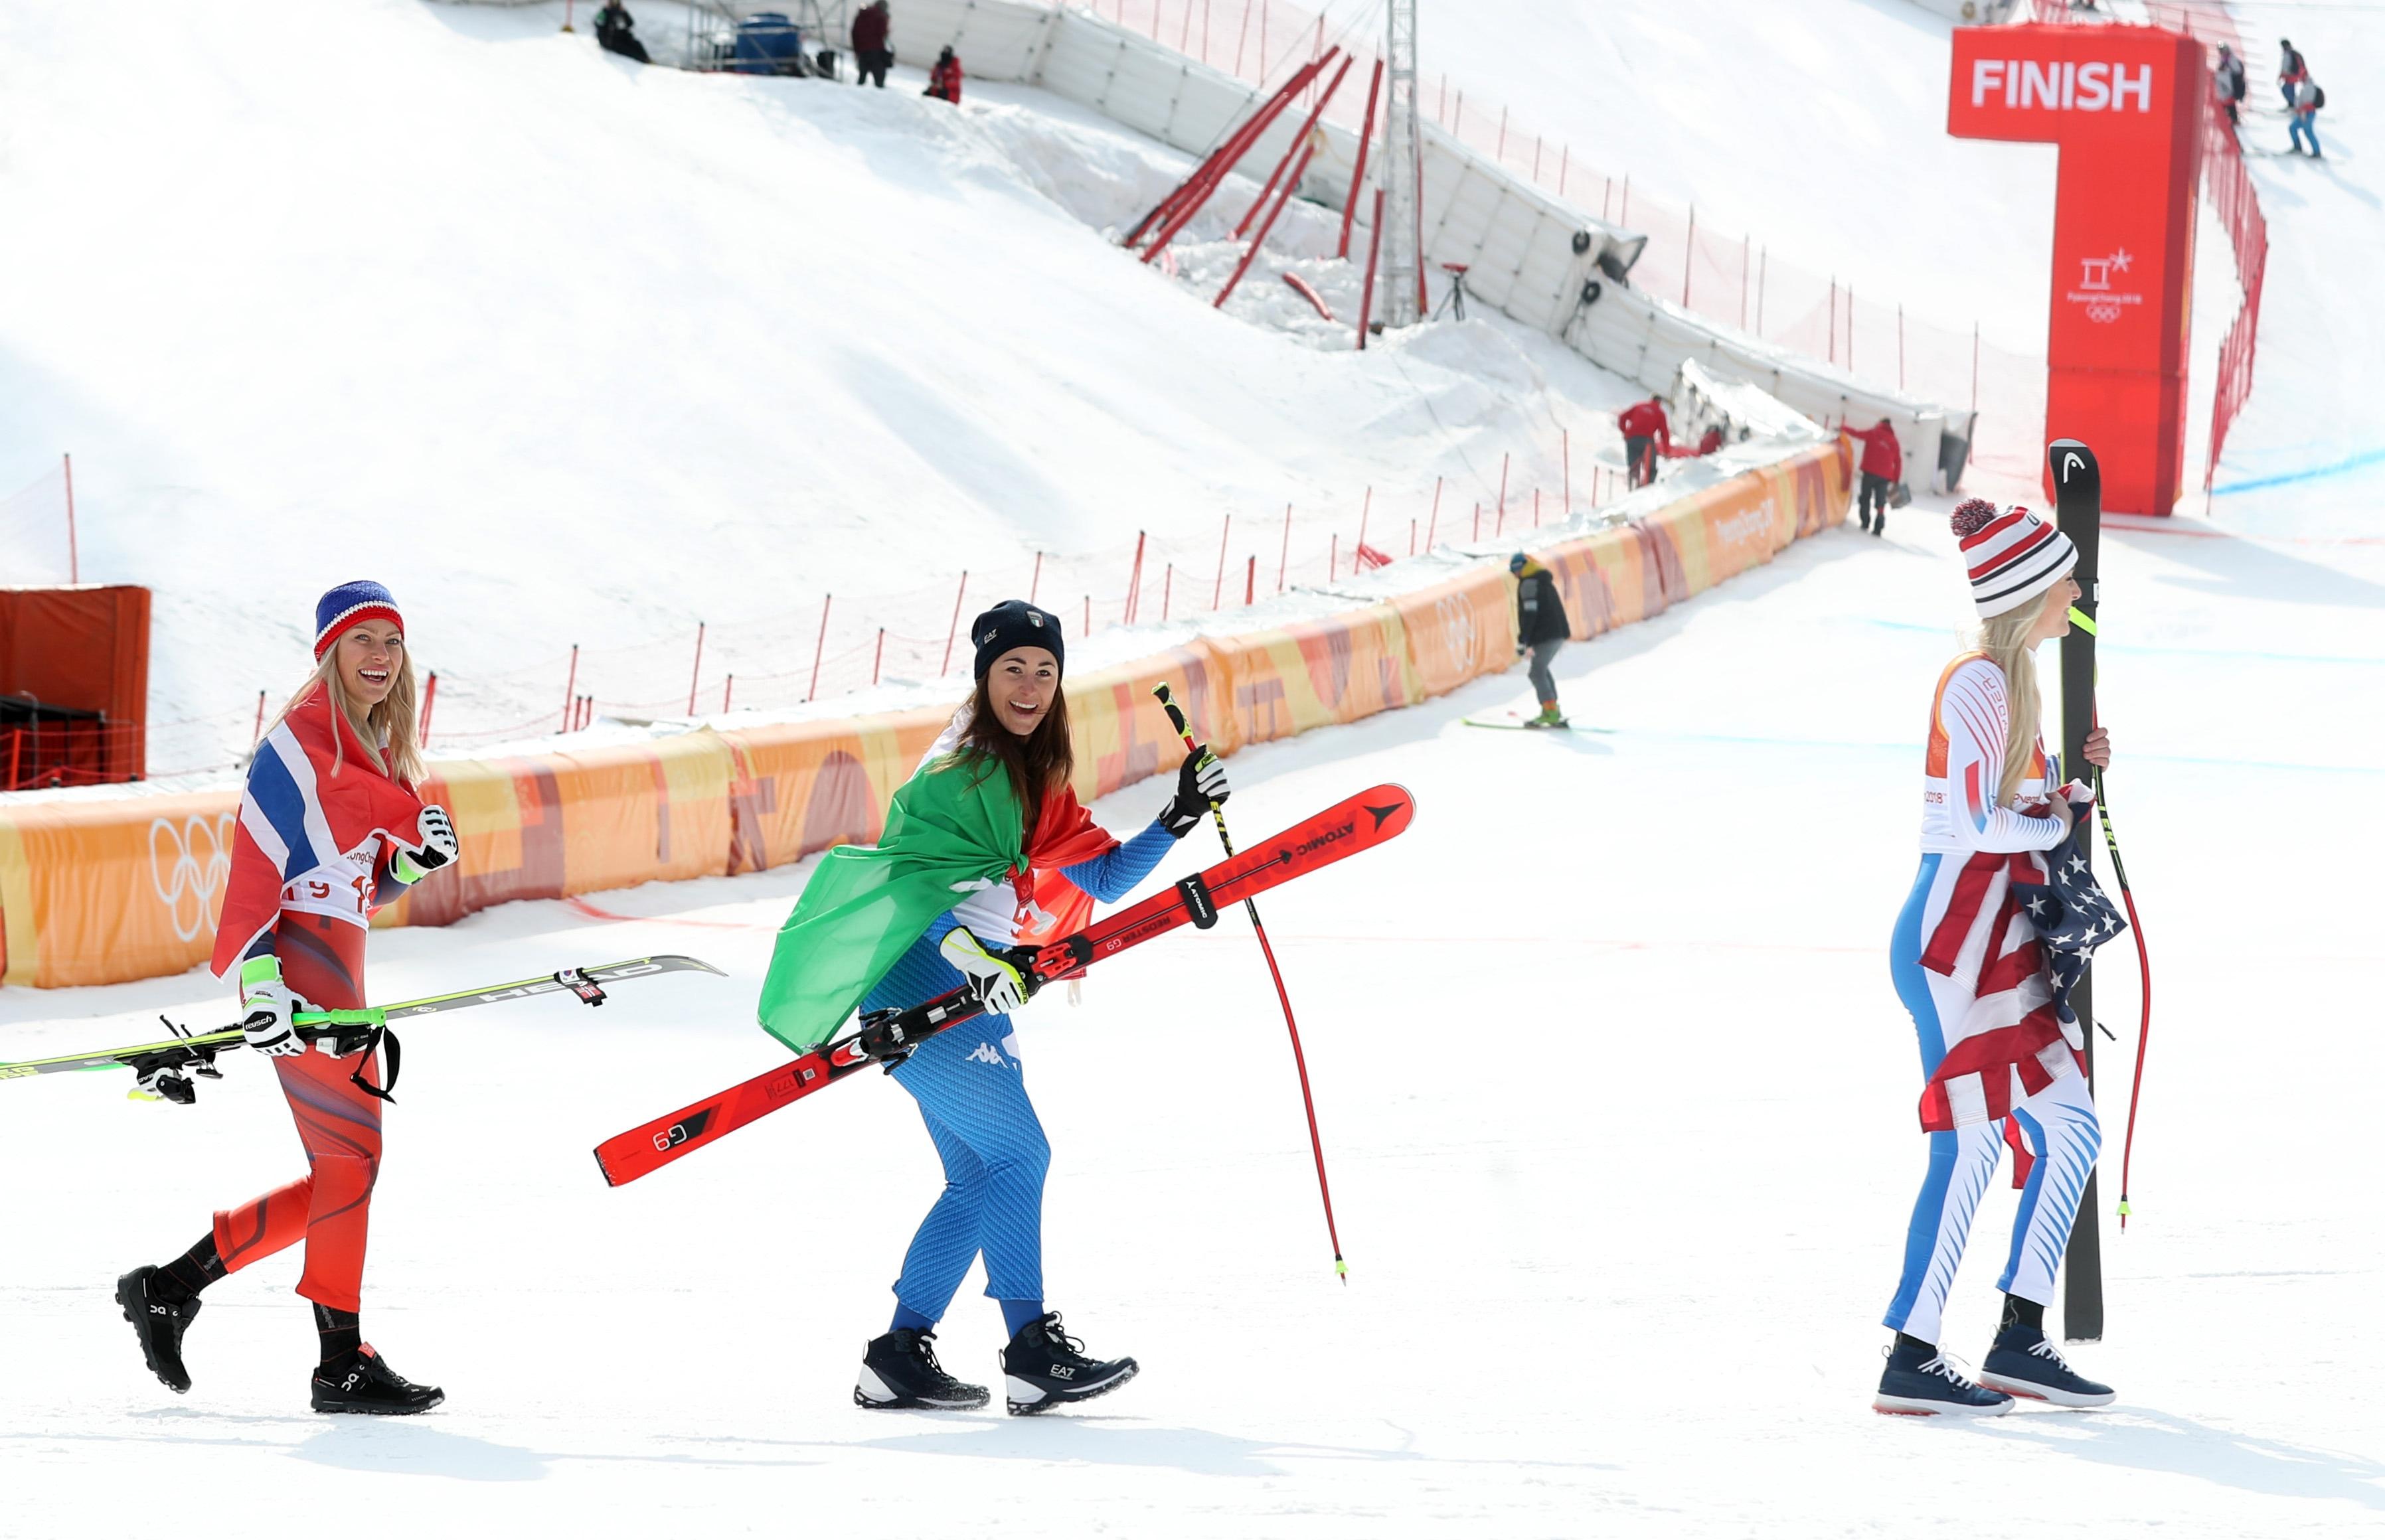 Le foto più belle della sciatrice Sofia Goggia, oro alle Olimpiadi / Image 16